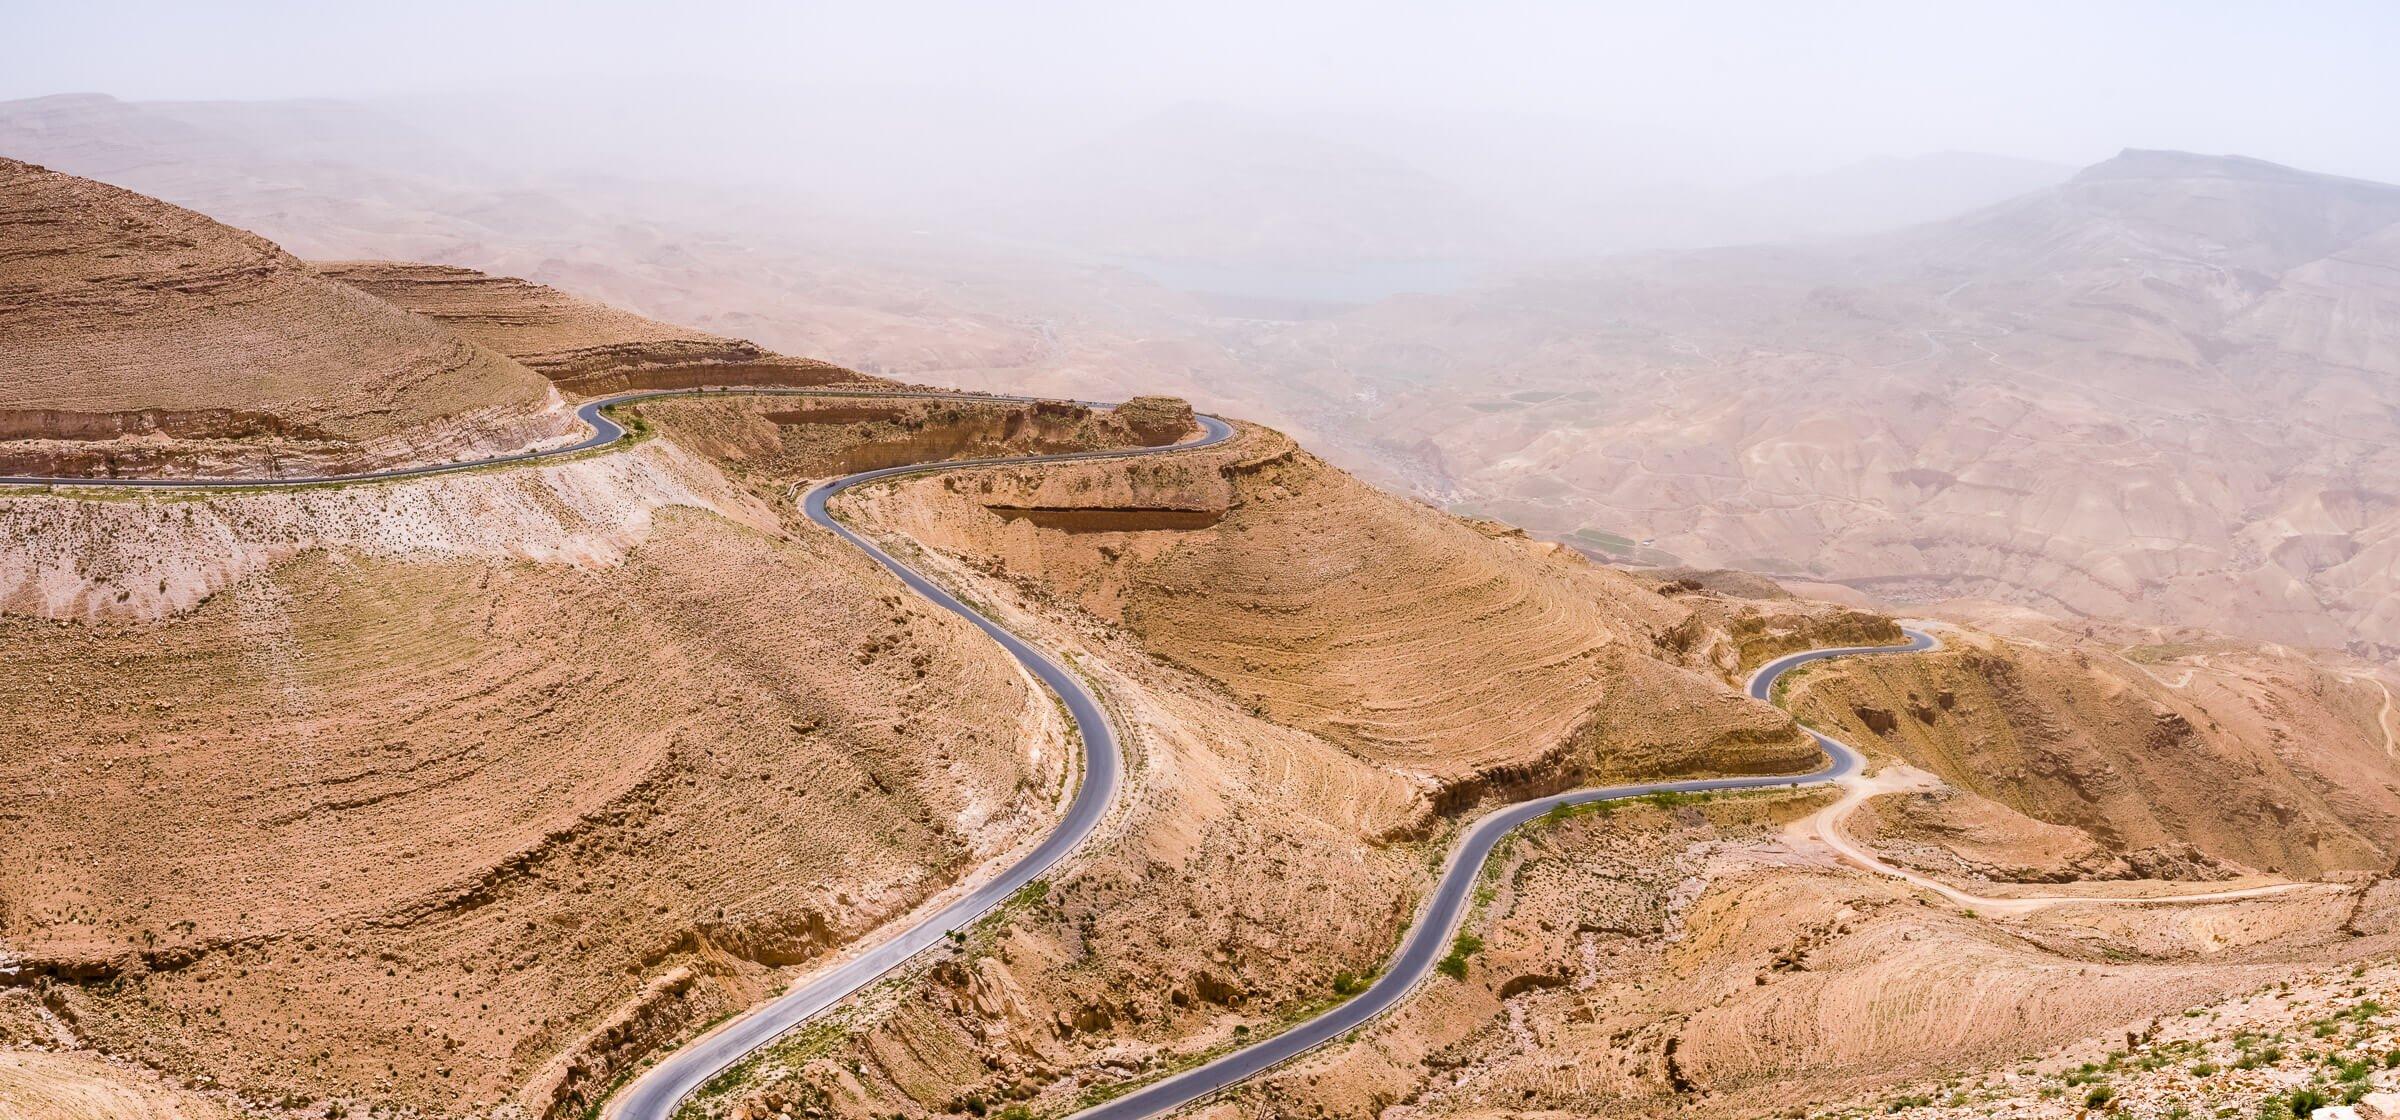 Wadi Mujib Gorge, Jordan